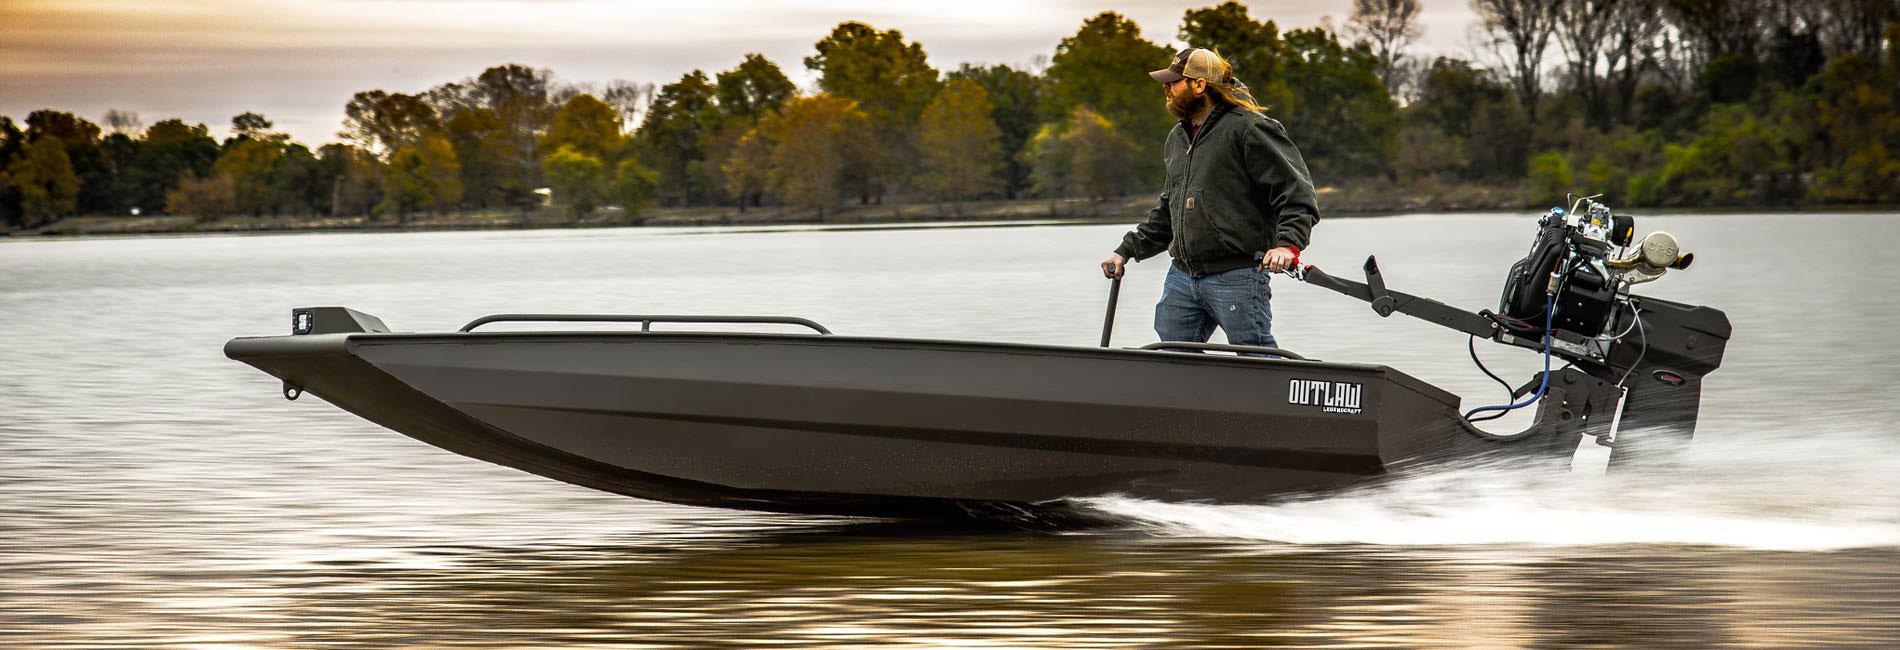 Legendcraft Outlaw Boat